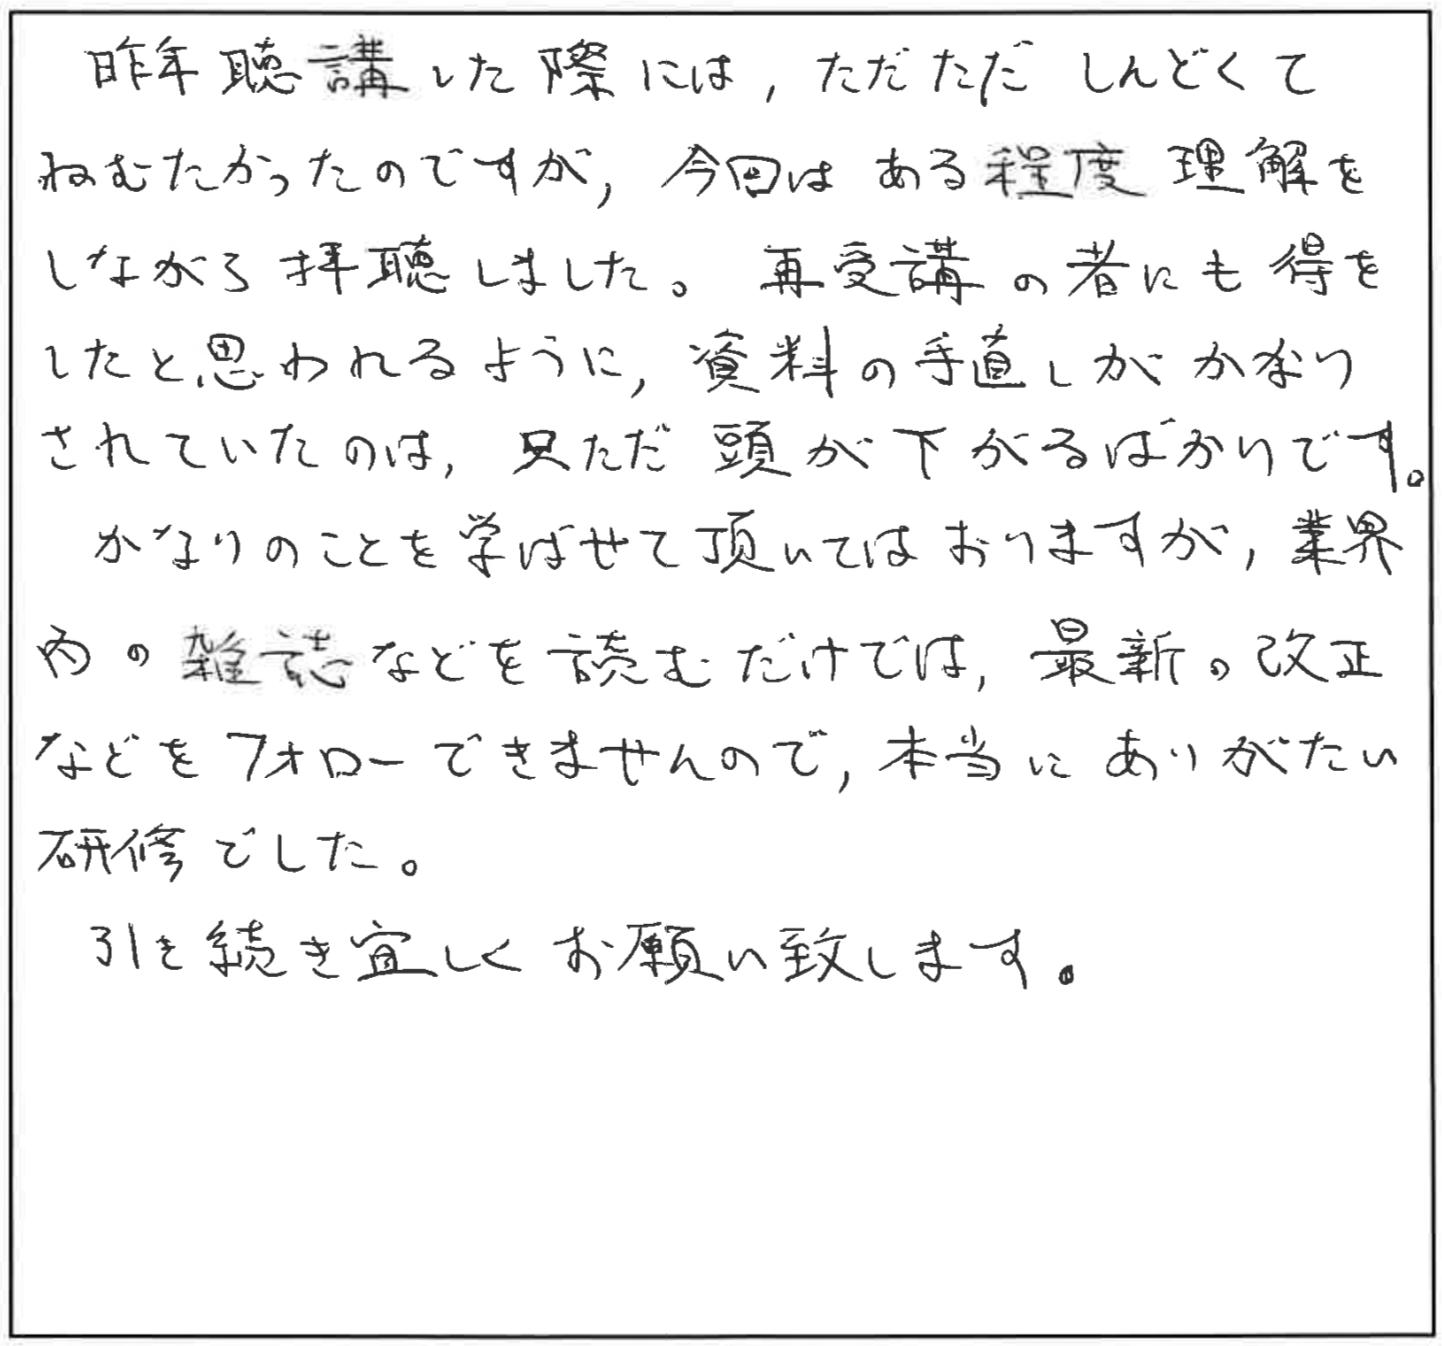 吉澤塾相続研究会参加者の声画像55